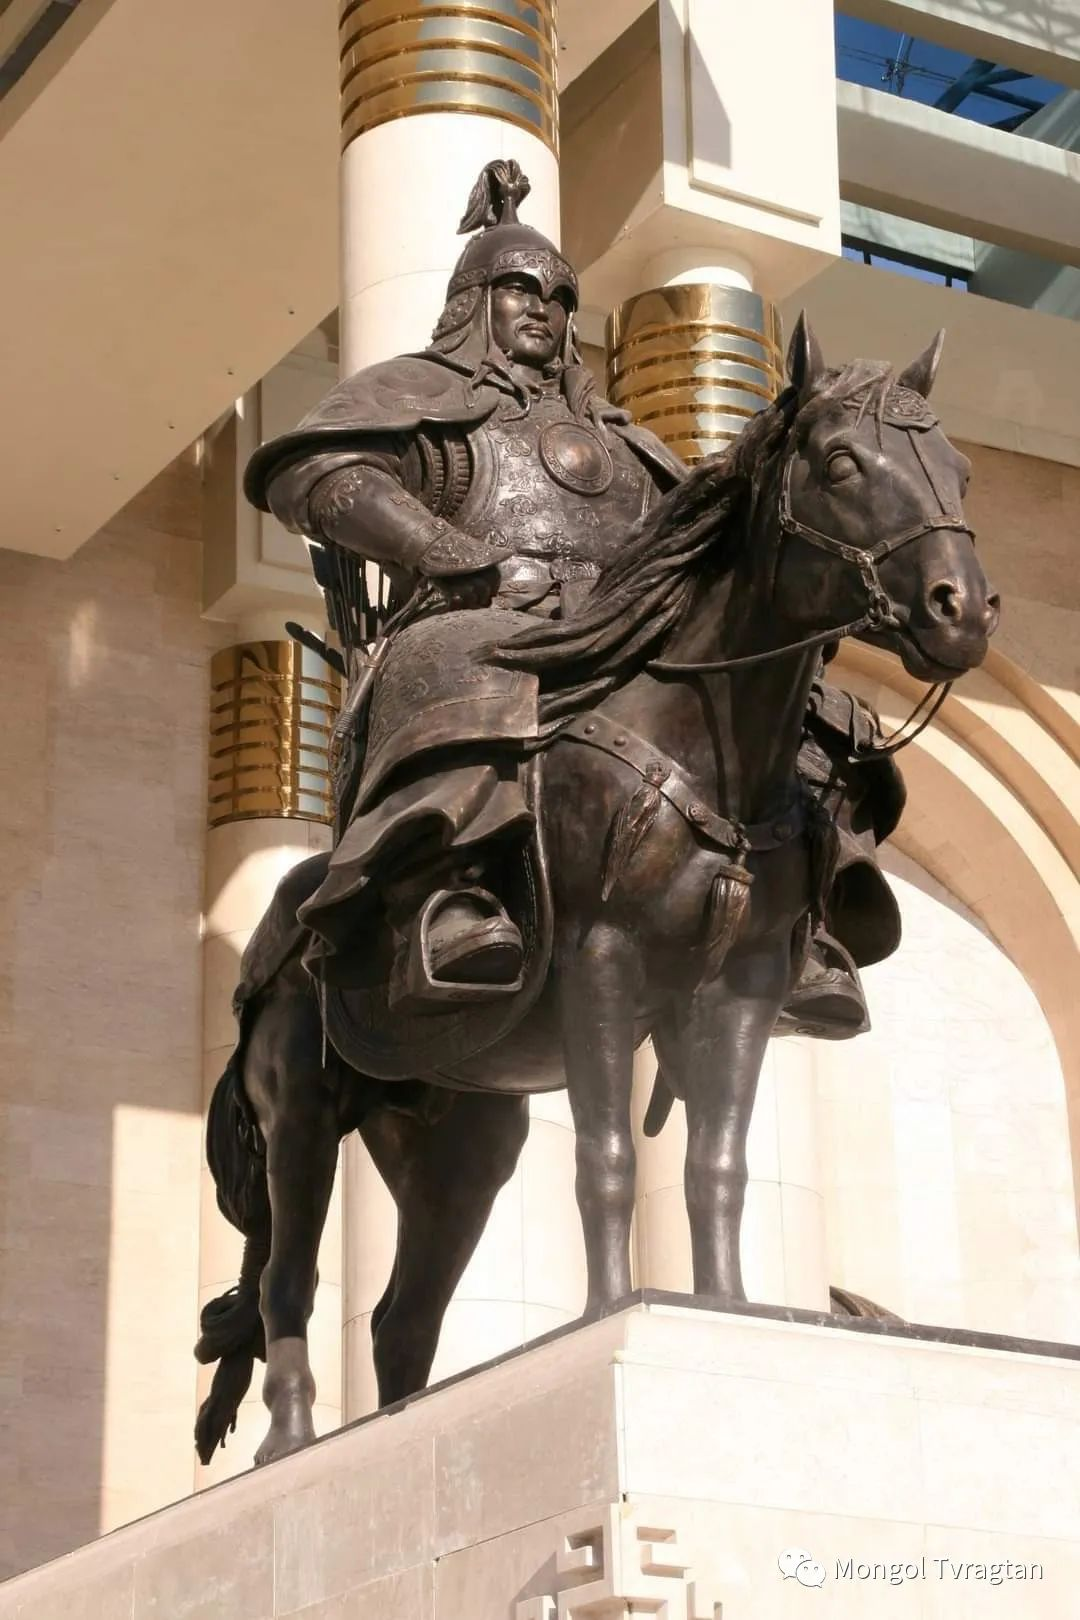 ᠤᠷᠠᠨ ᠪᠠᠷᠢᠮᠠᠯᠴᠢ - ᠯ᠂ ᠪᠤᠯᠤᠳ蒙古国雕塑家- 乐,宝力道 第2张 ᠤᠷᠠᠨ ᠪᠠᠷᠢᠮᠠᠯᠴᠢ - ᠯ᠂ ᠪᠤᠯᠤᠳ蒙古国雕塑家- 乐,宝力道 蒙古画廊